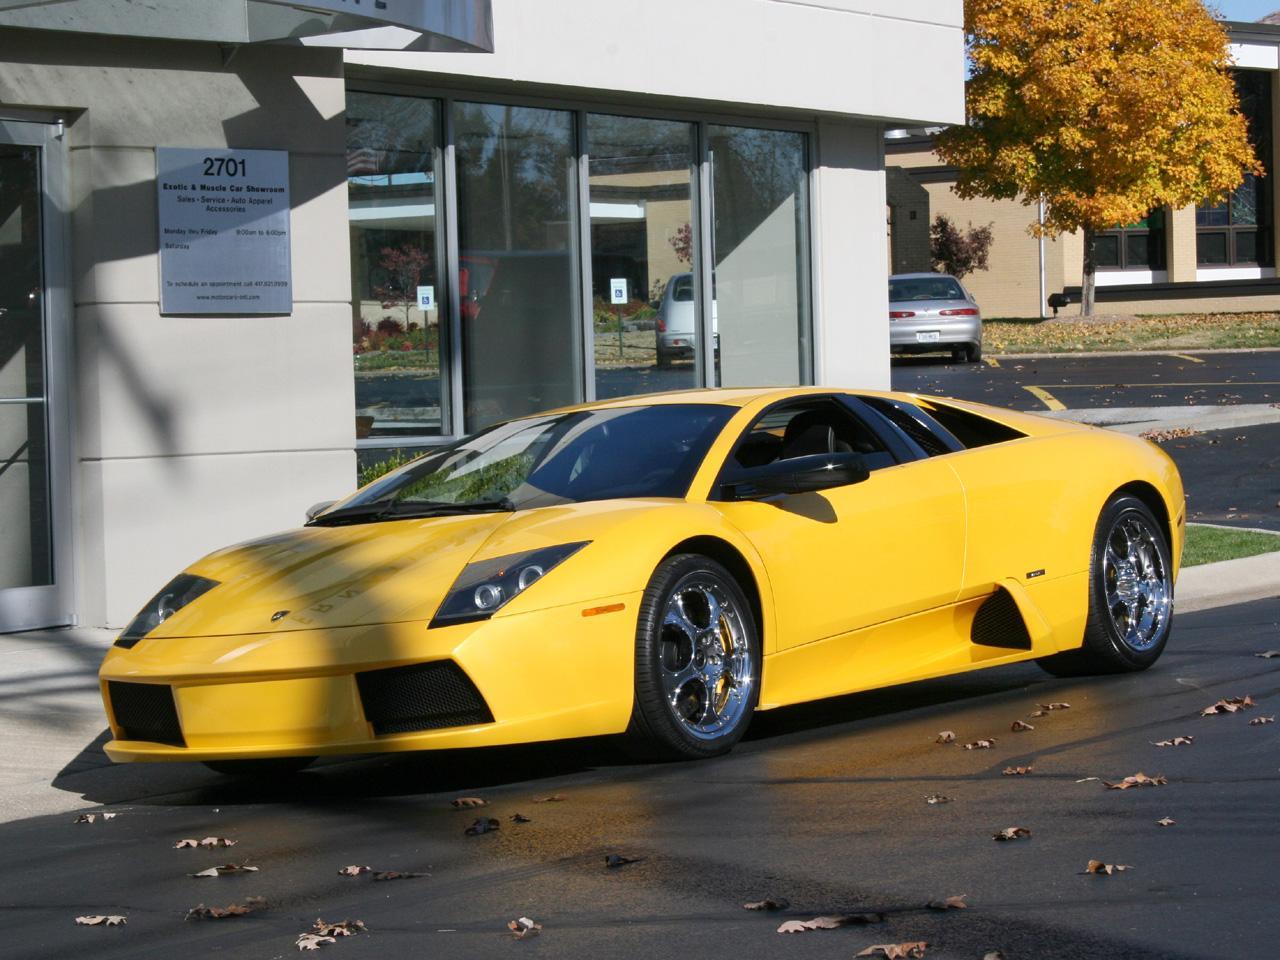 2003 Lamborghini Murcielago Image 7